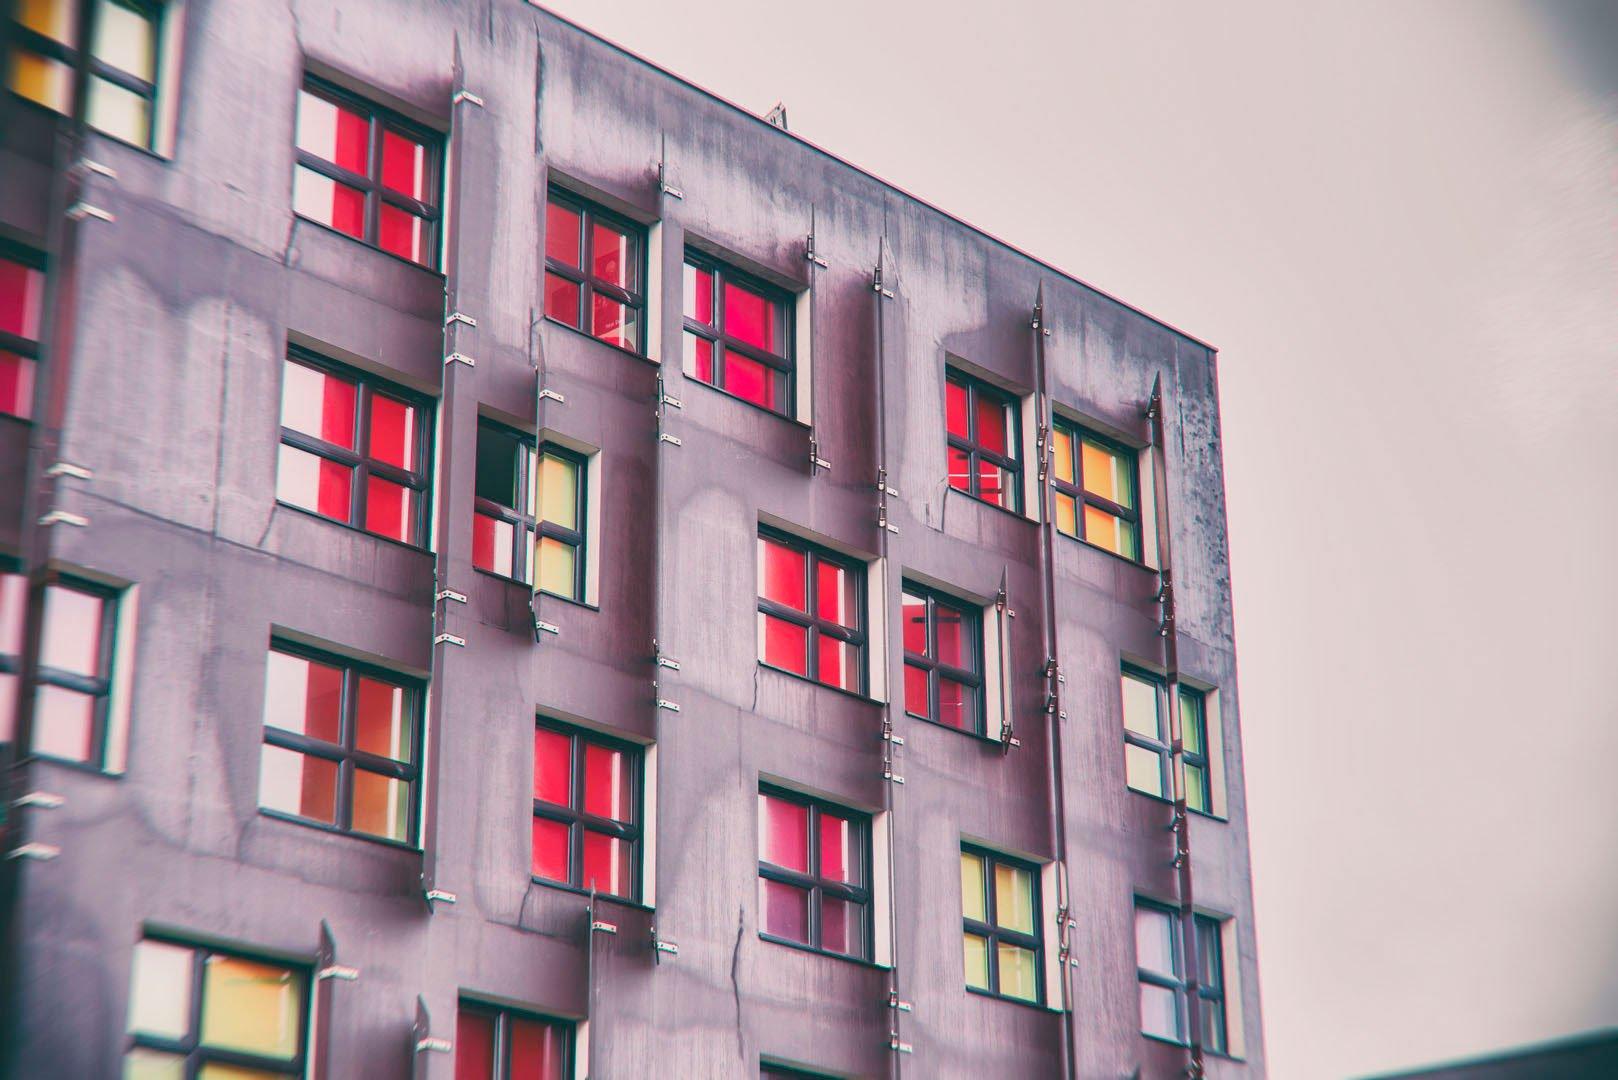 fenêtres sur une façade avec reflets colorés